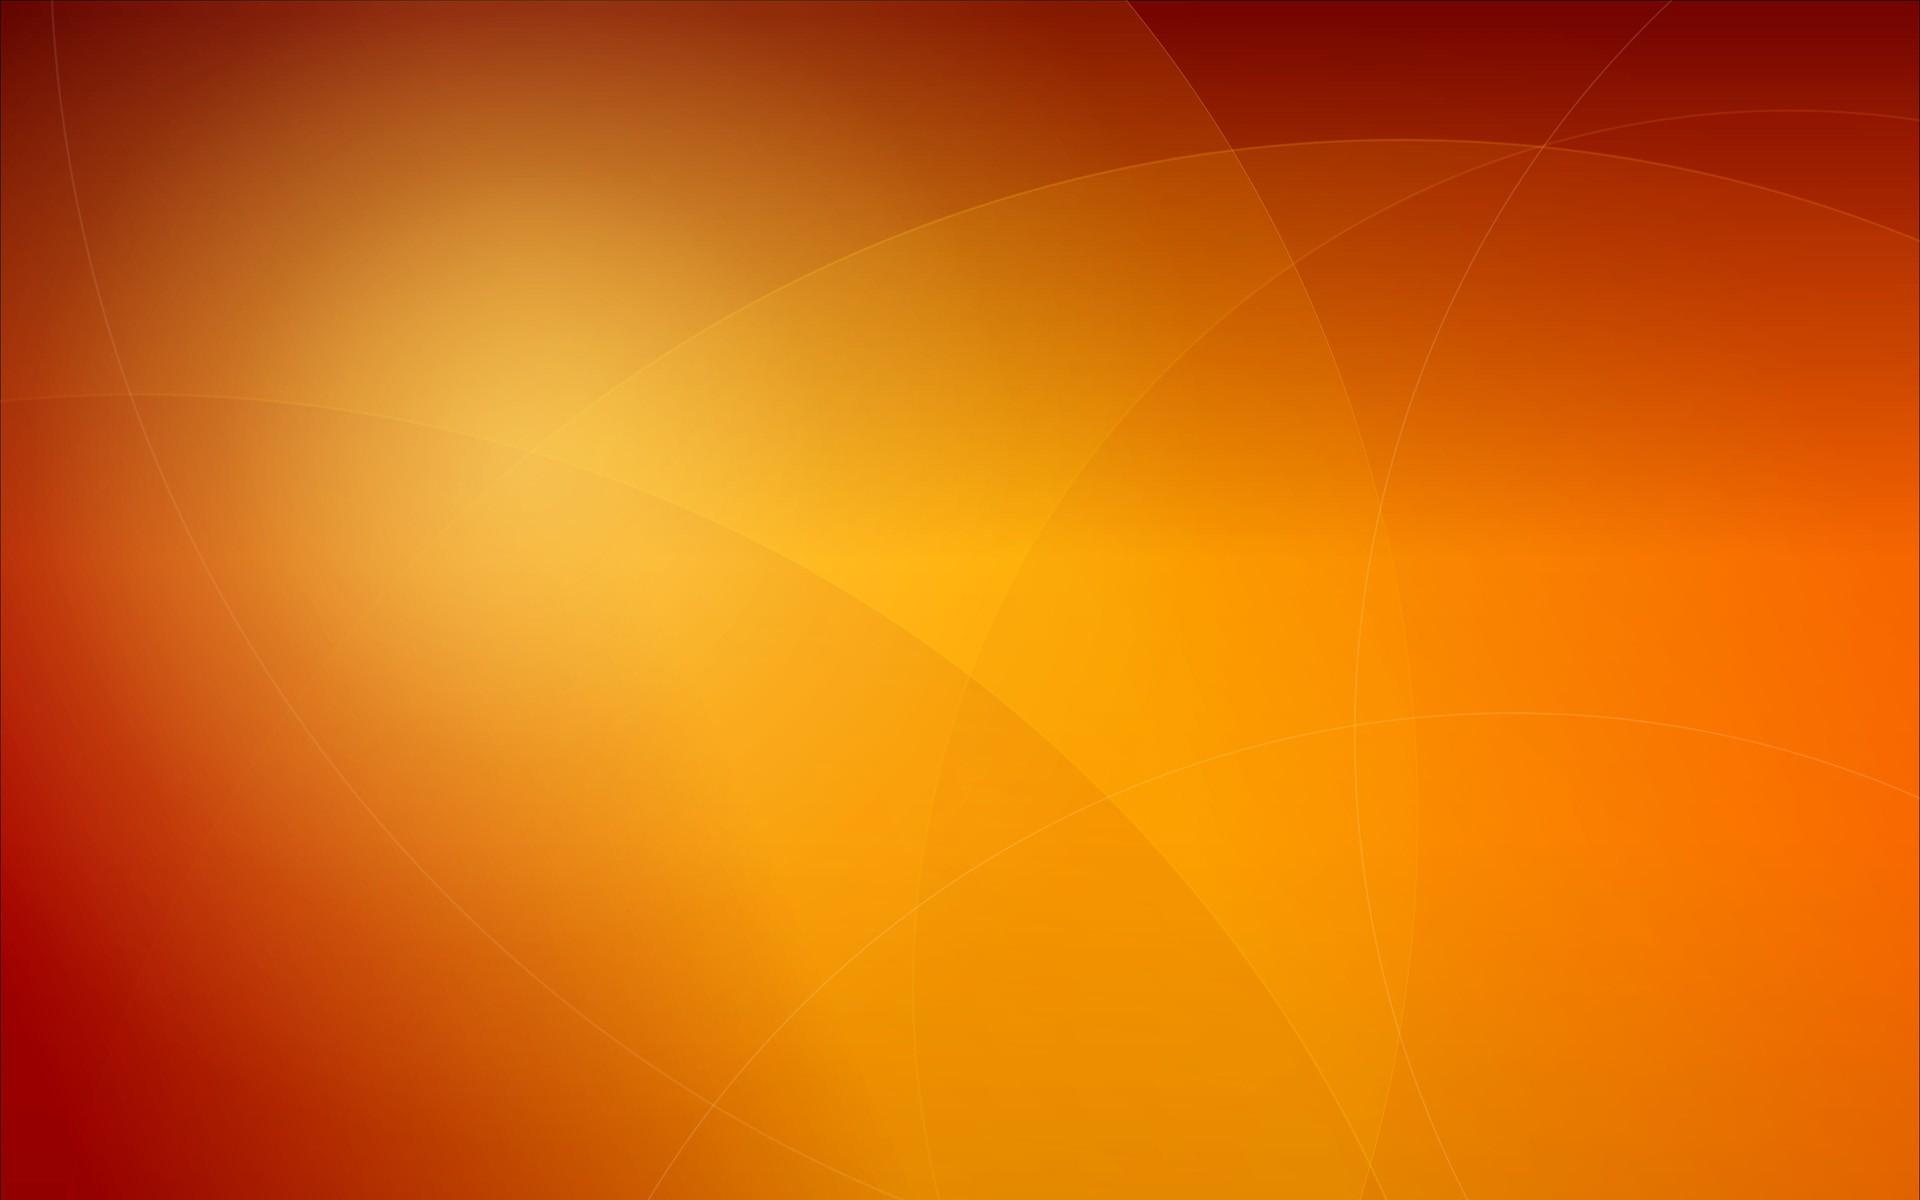 contentuploadsred vector orange images background intelmac extrajpg 1920x1200